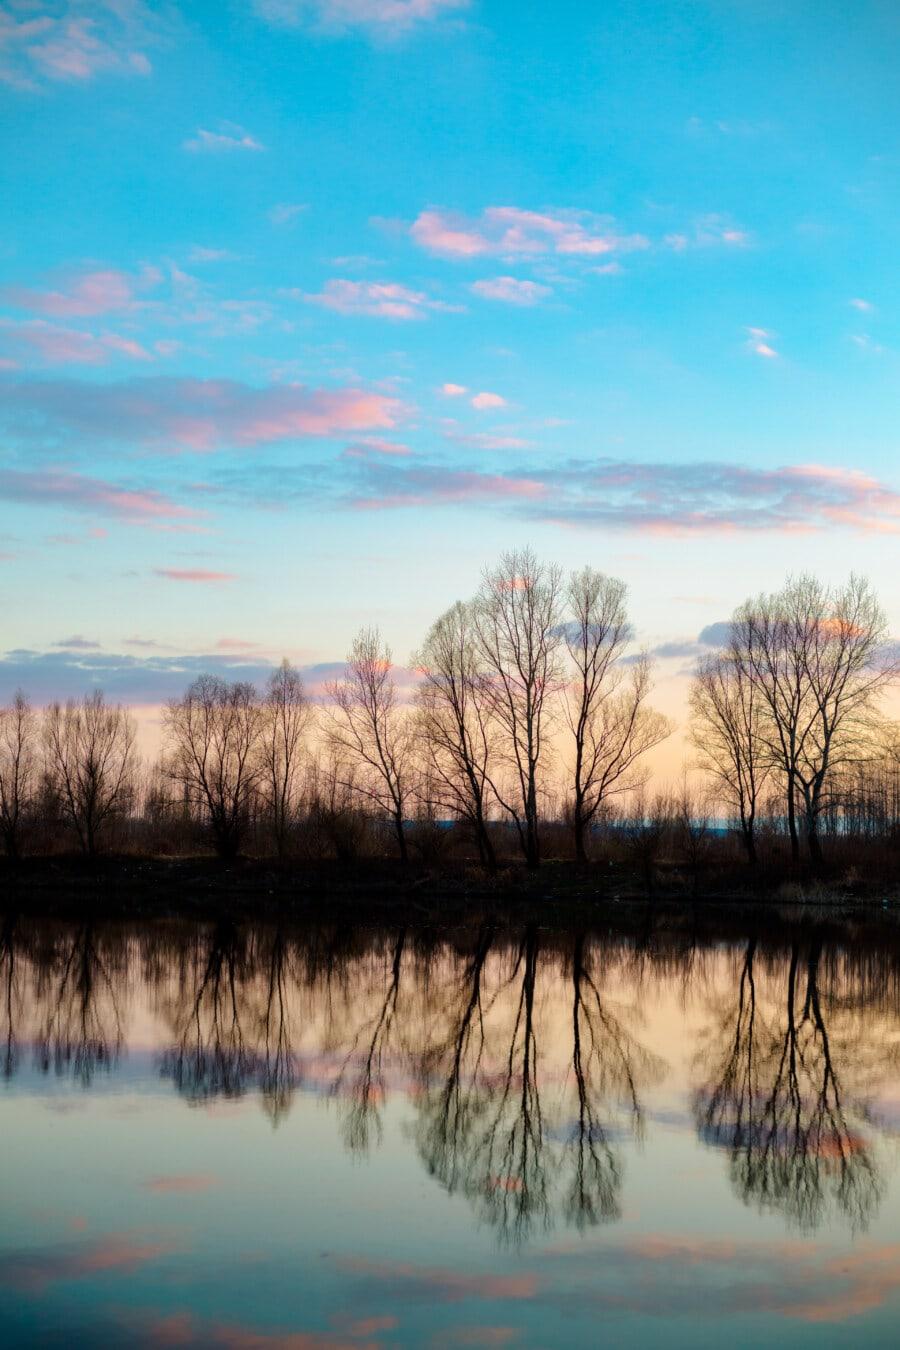 저녁, 레이크 사이드, 반사, 호수, 풍경, 트리, 분위기, 새벽, 물, 일몰